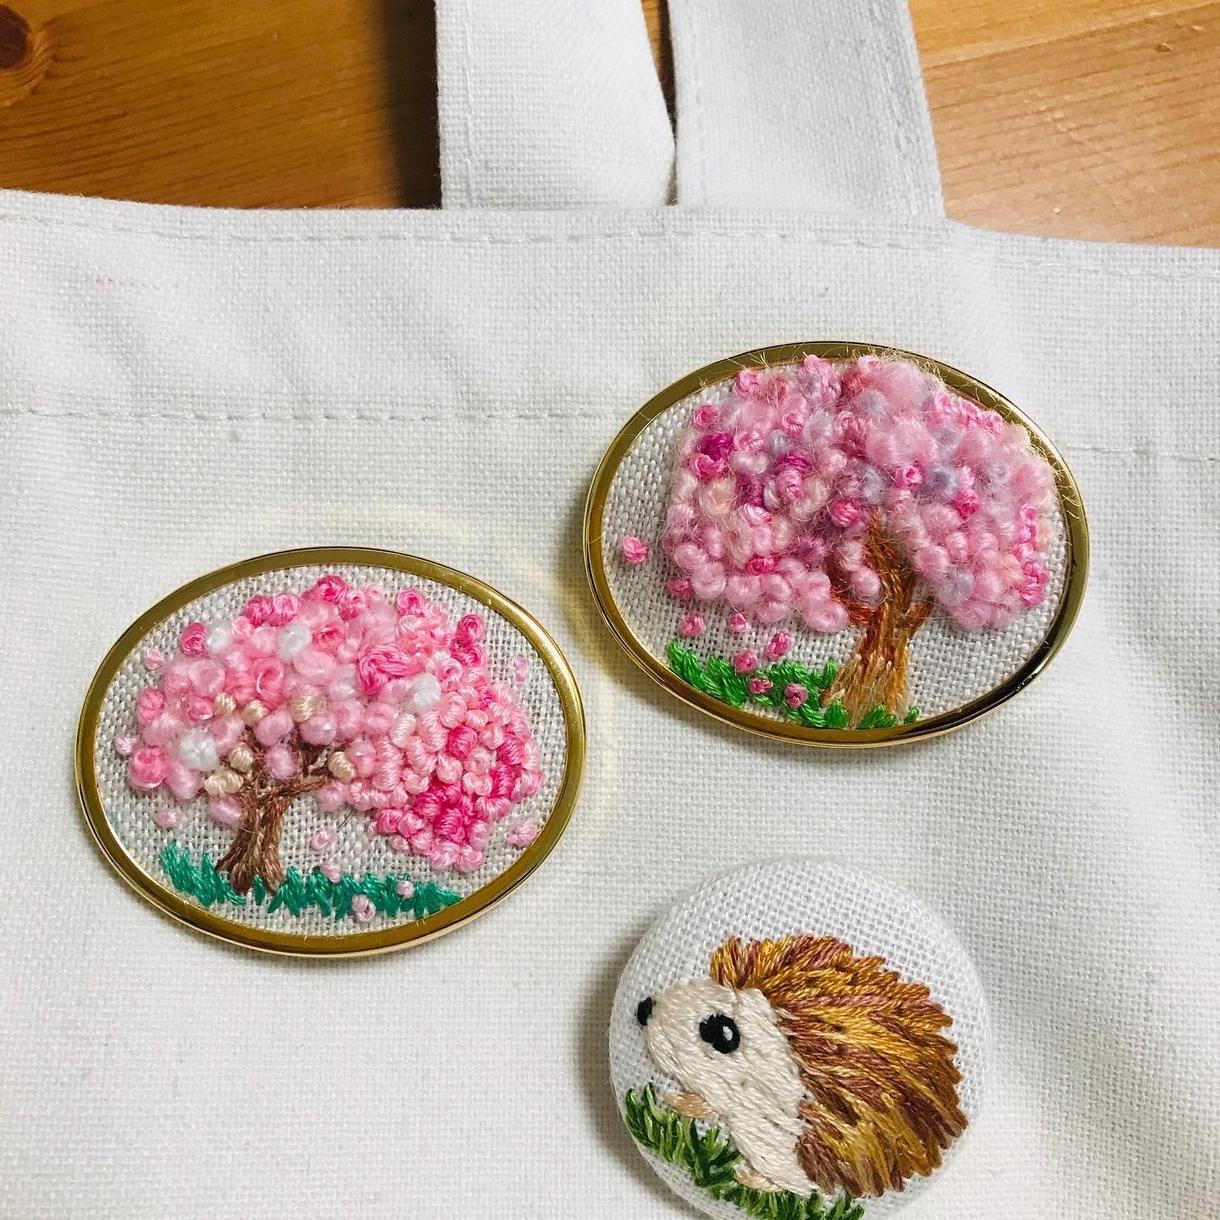 プレゼントにいかが?オーダー刺繍小物作成します 刺繍①ブローチ②キーホルダー③ポニーフック④ヘアゴム イメージ1